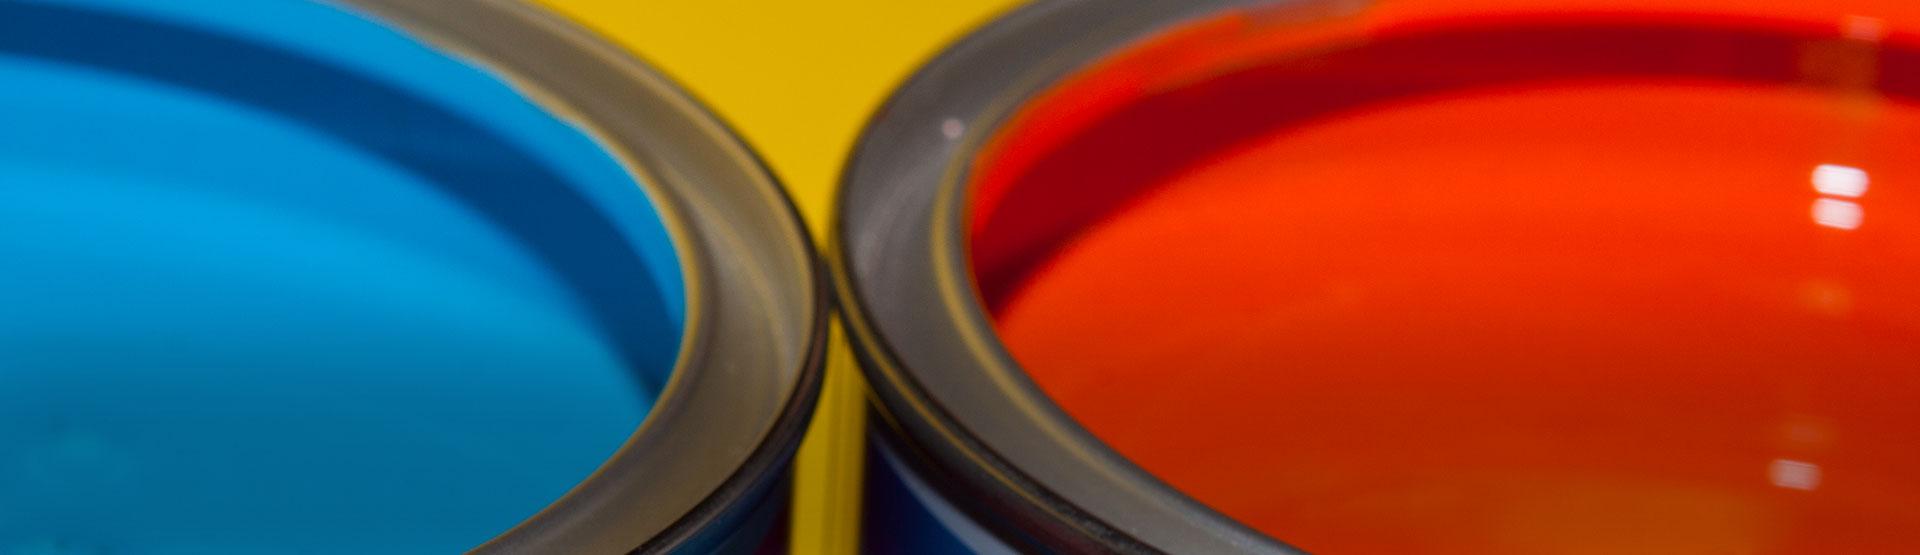 Apezinho paredes pintadas calculamos tudo m o de obra - Fotos paredes pintadas ...